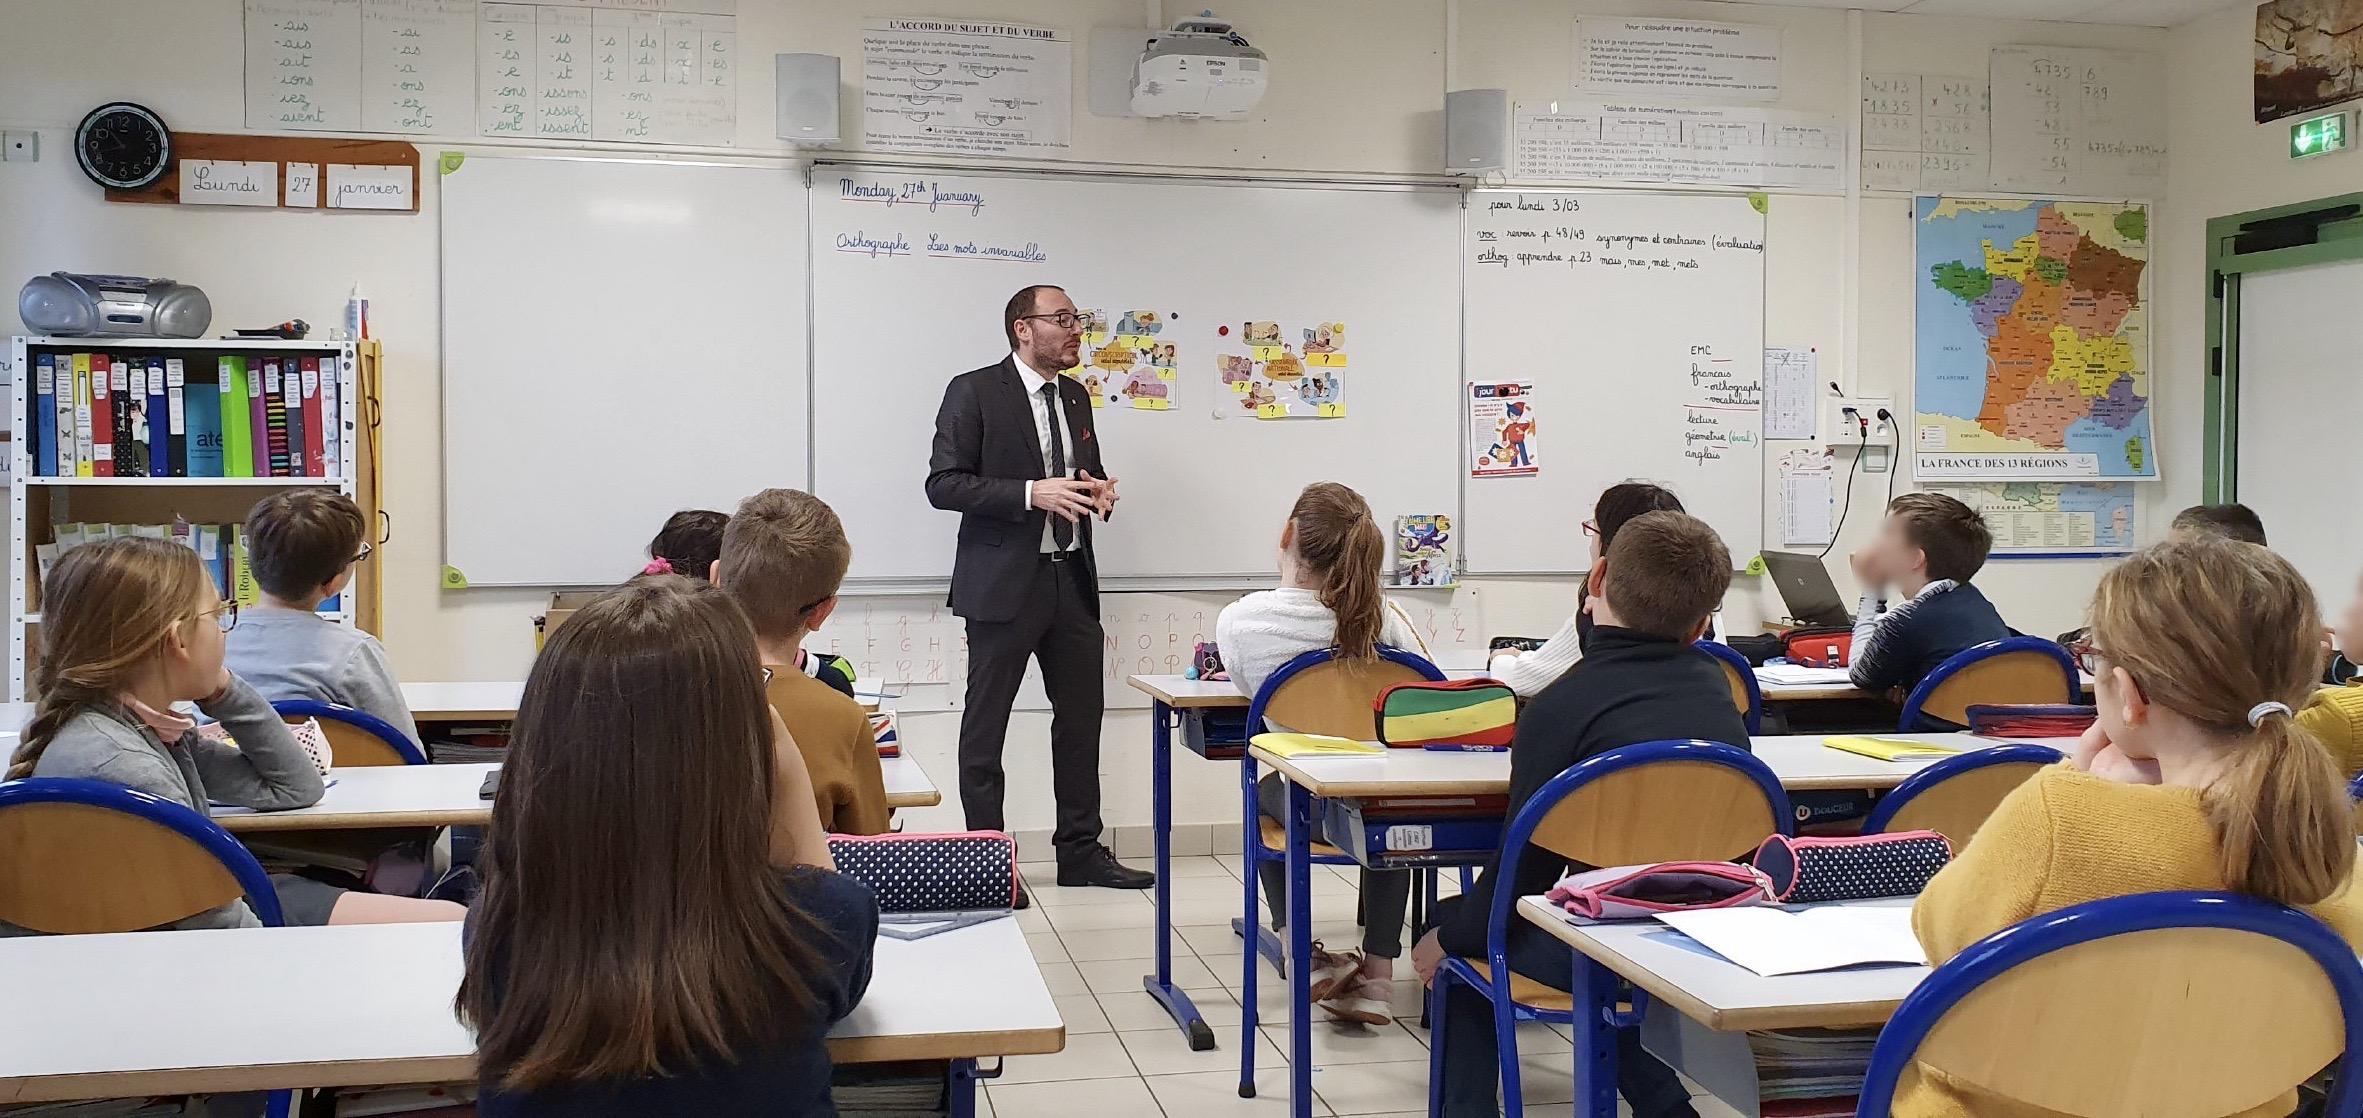 Éducation civique en école avec le député Masséglia